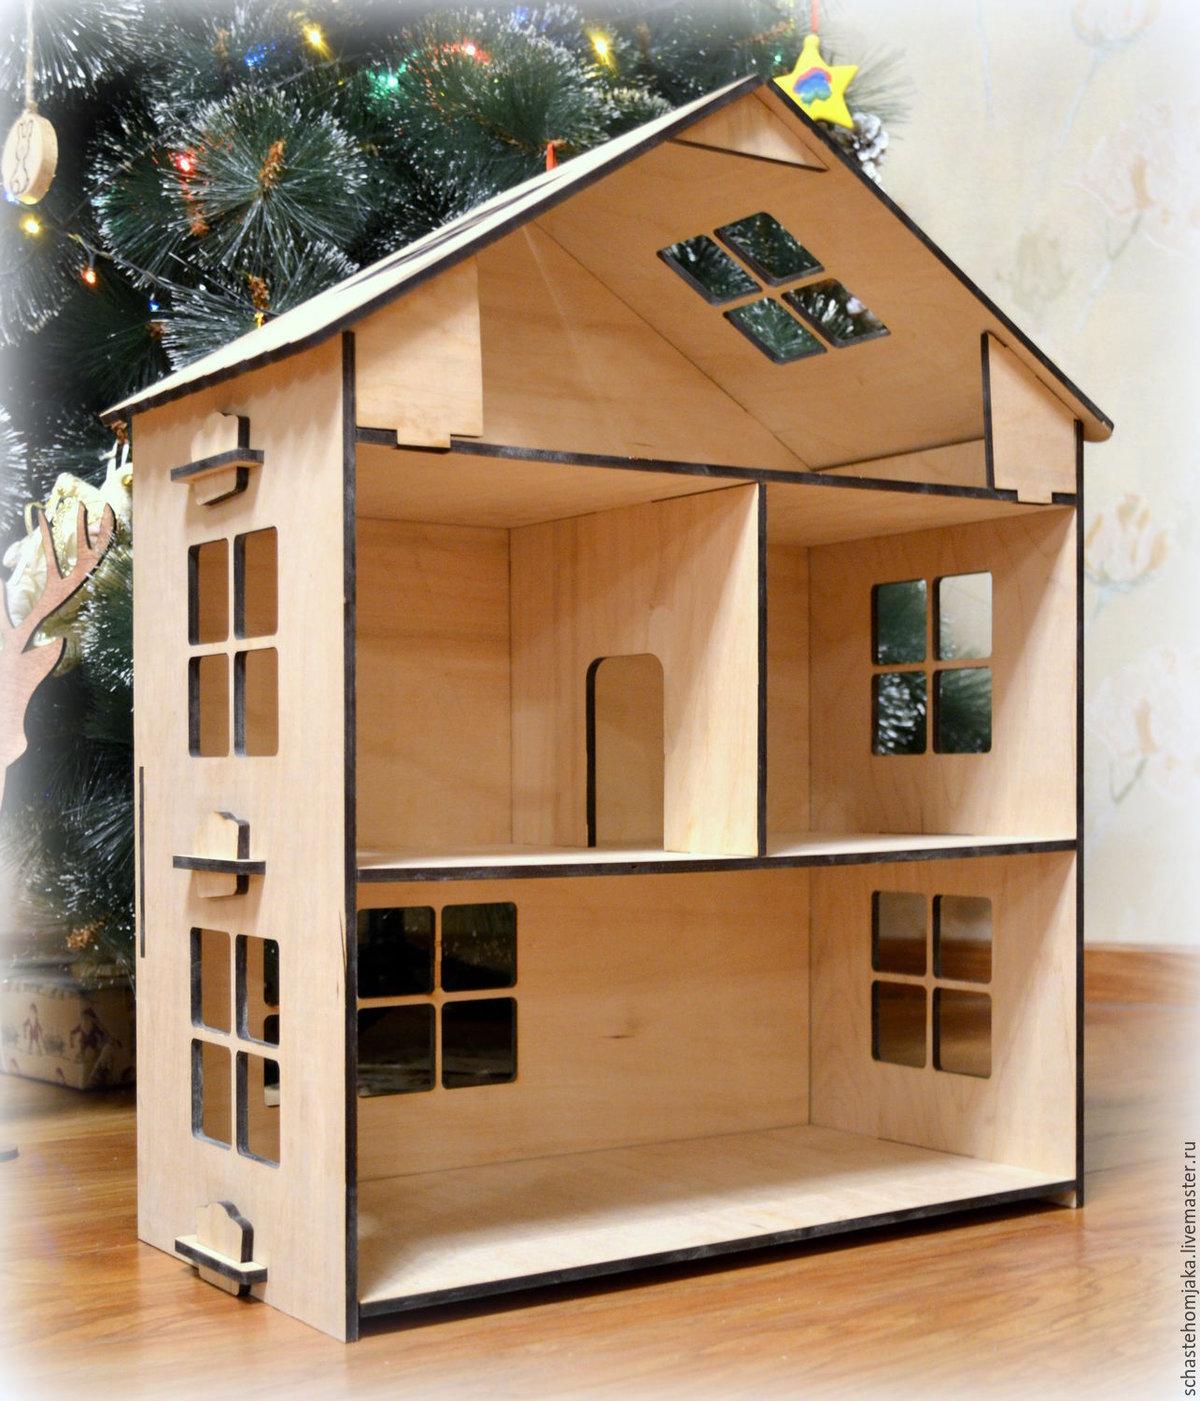 Кукольный домик своими руками - 66 фото создания игрушечного 59